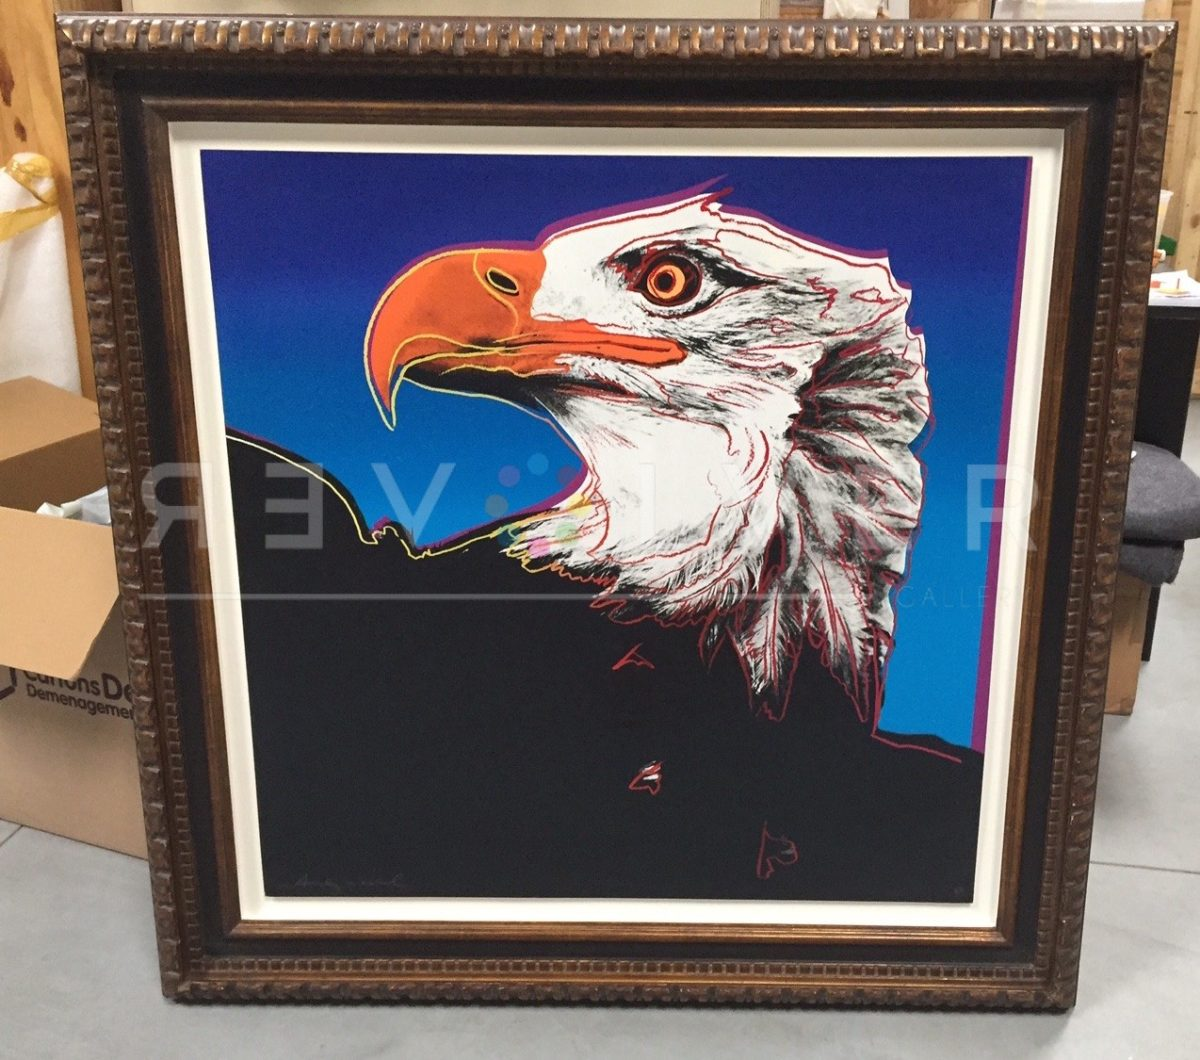 Andy Warhol Bald Eagle 296 screenprint in frame.